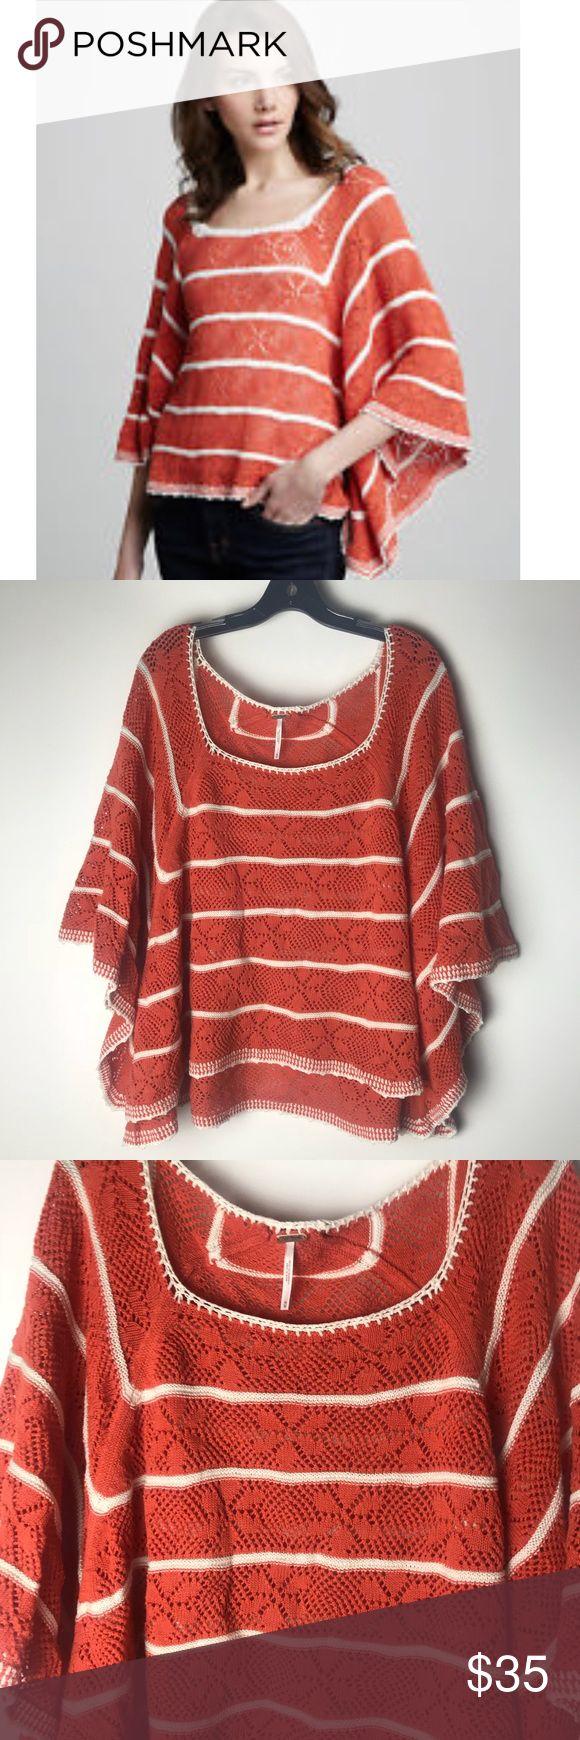 Best 25  Sweater cape ideas on Pinterest | Classy winter fashion ...